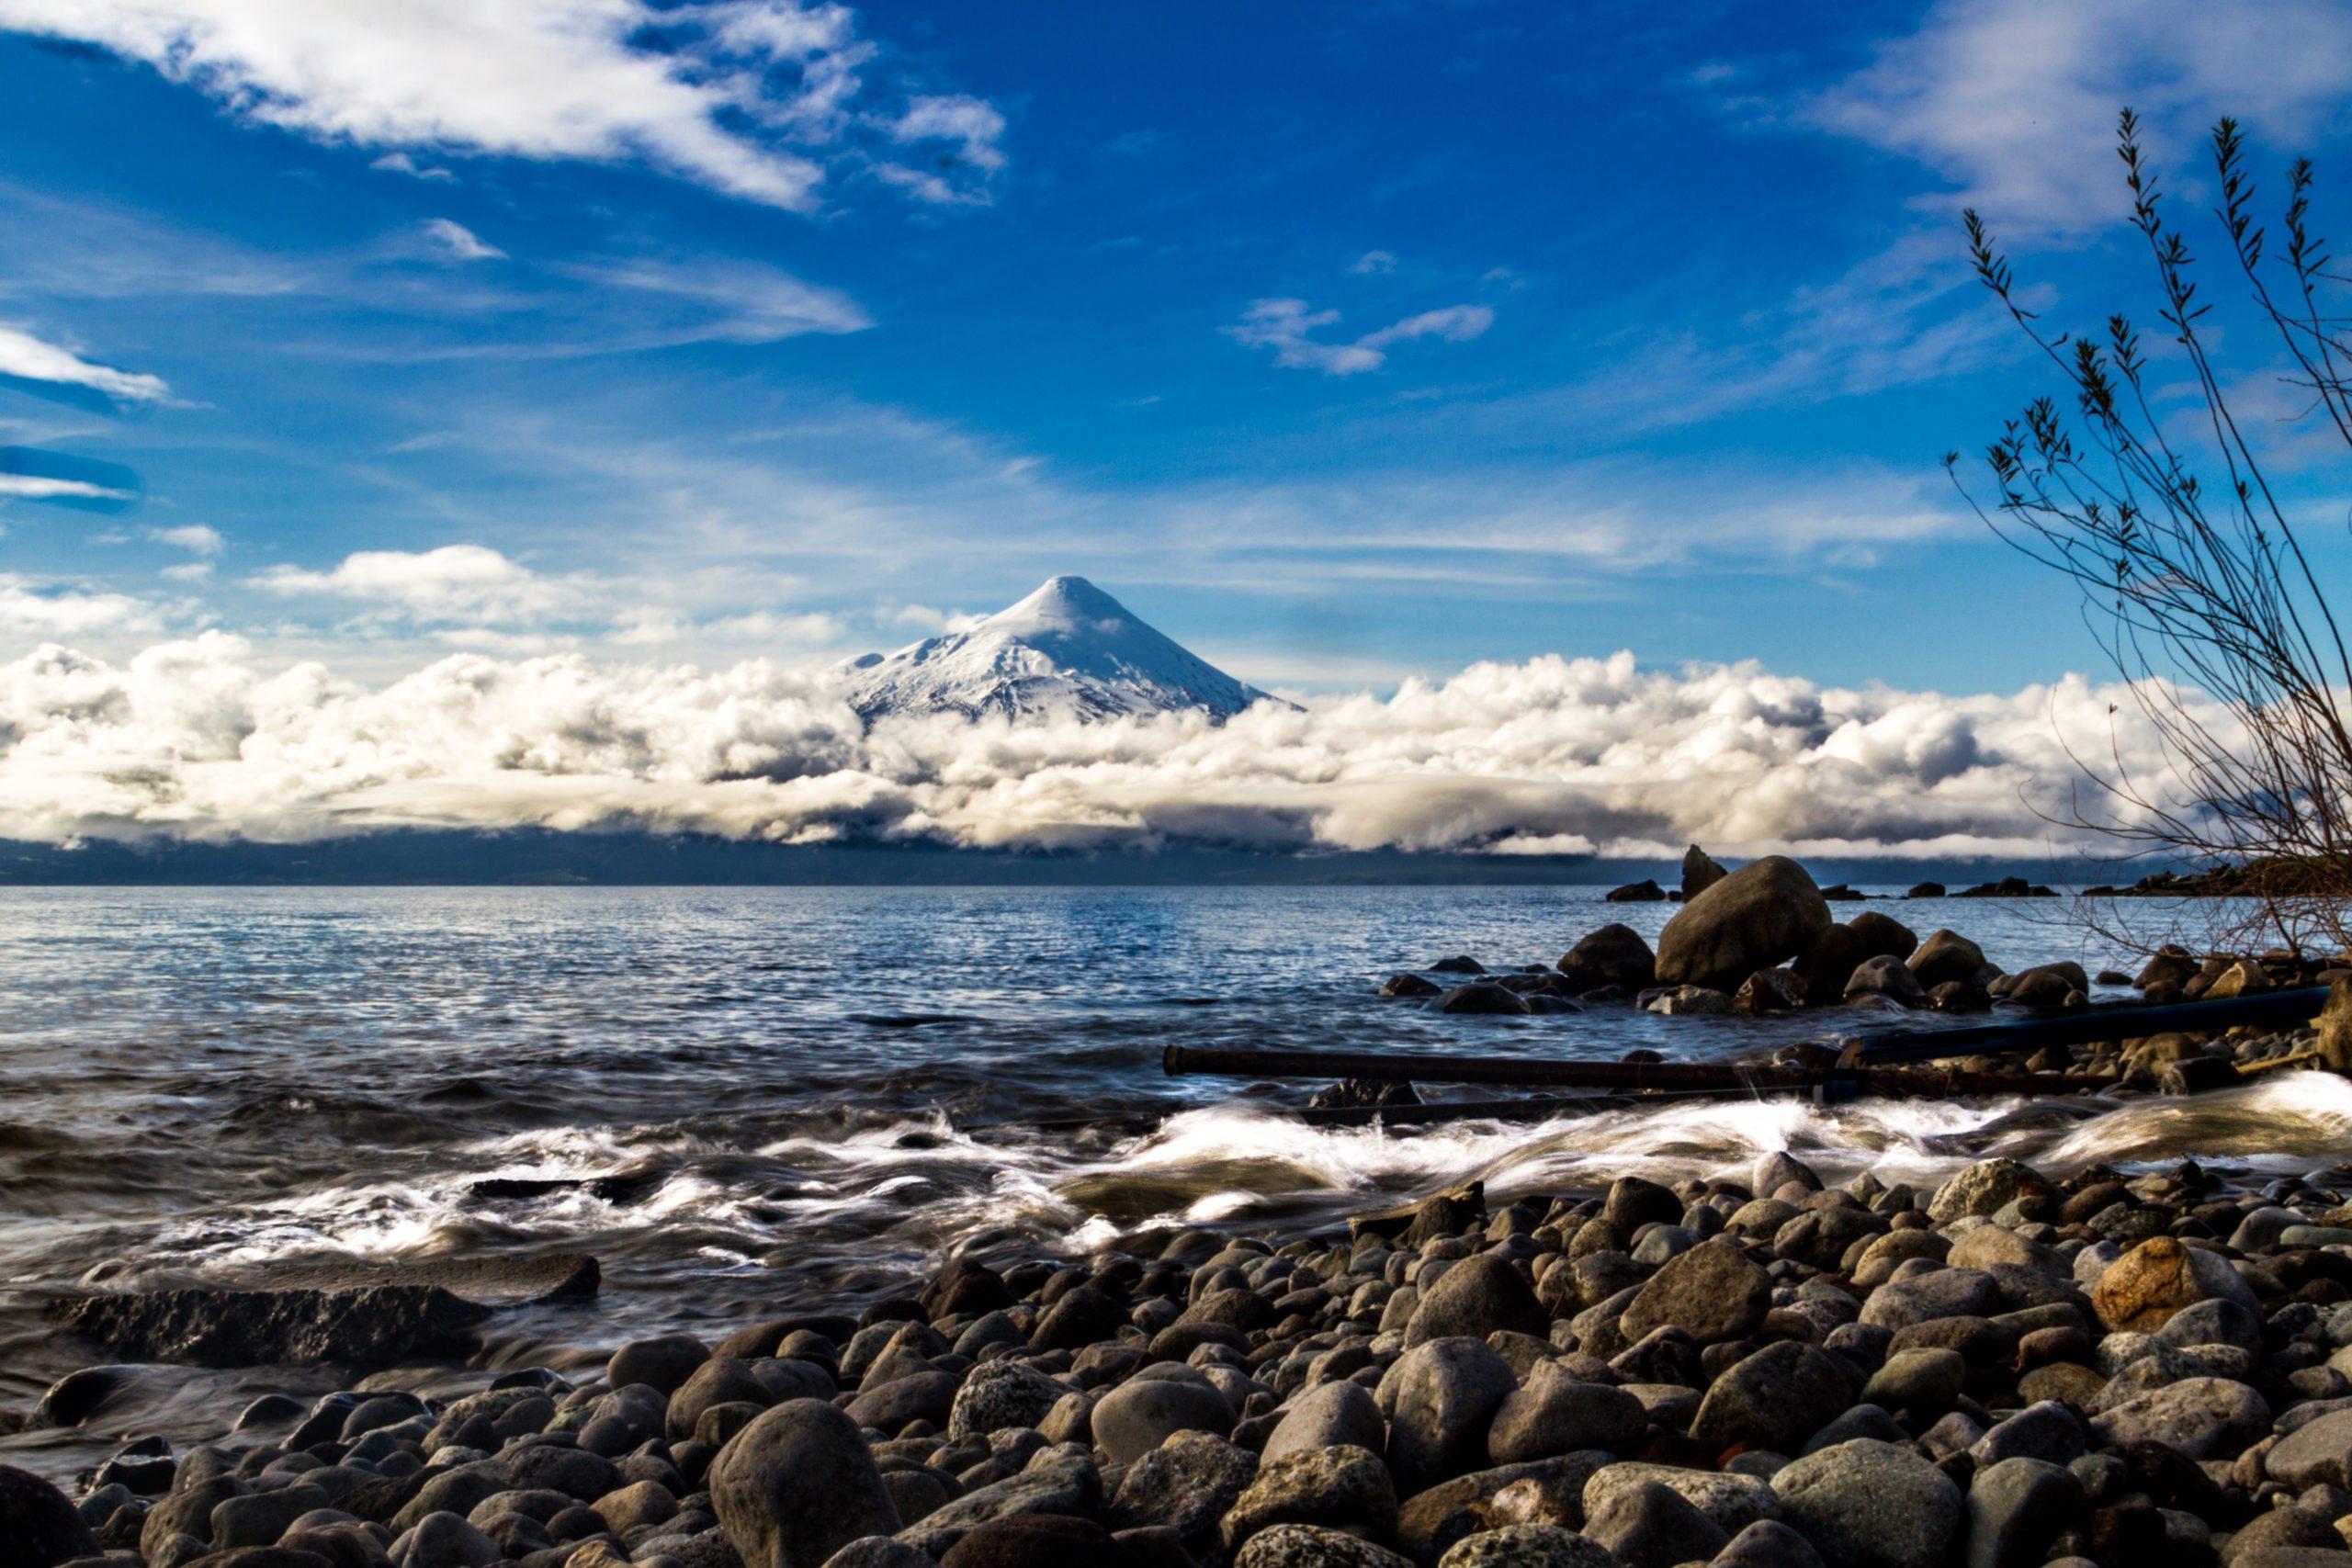 El volcán Osorno en la región de los lagos de Chile.   FOTO: Goodwyn Ferrell